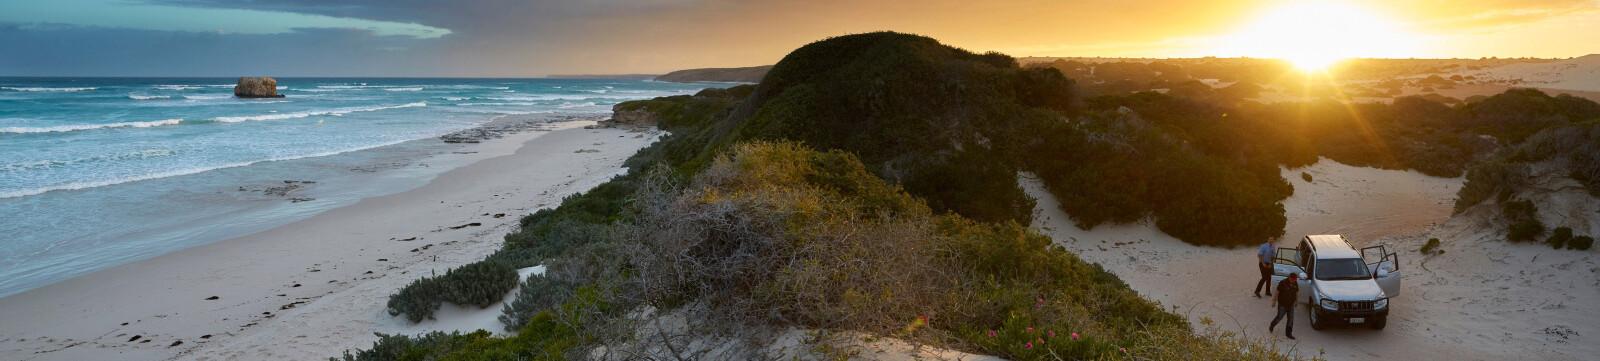 Südaustralische Küste - Eyre Peninsula